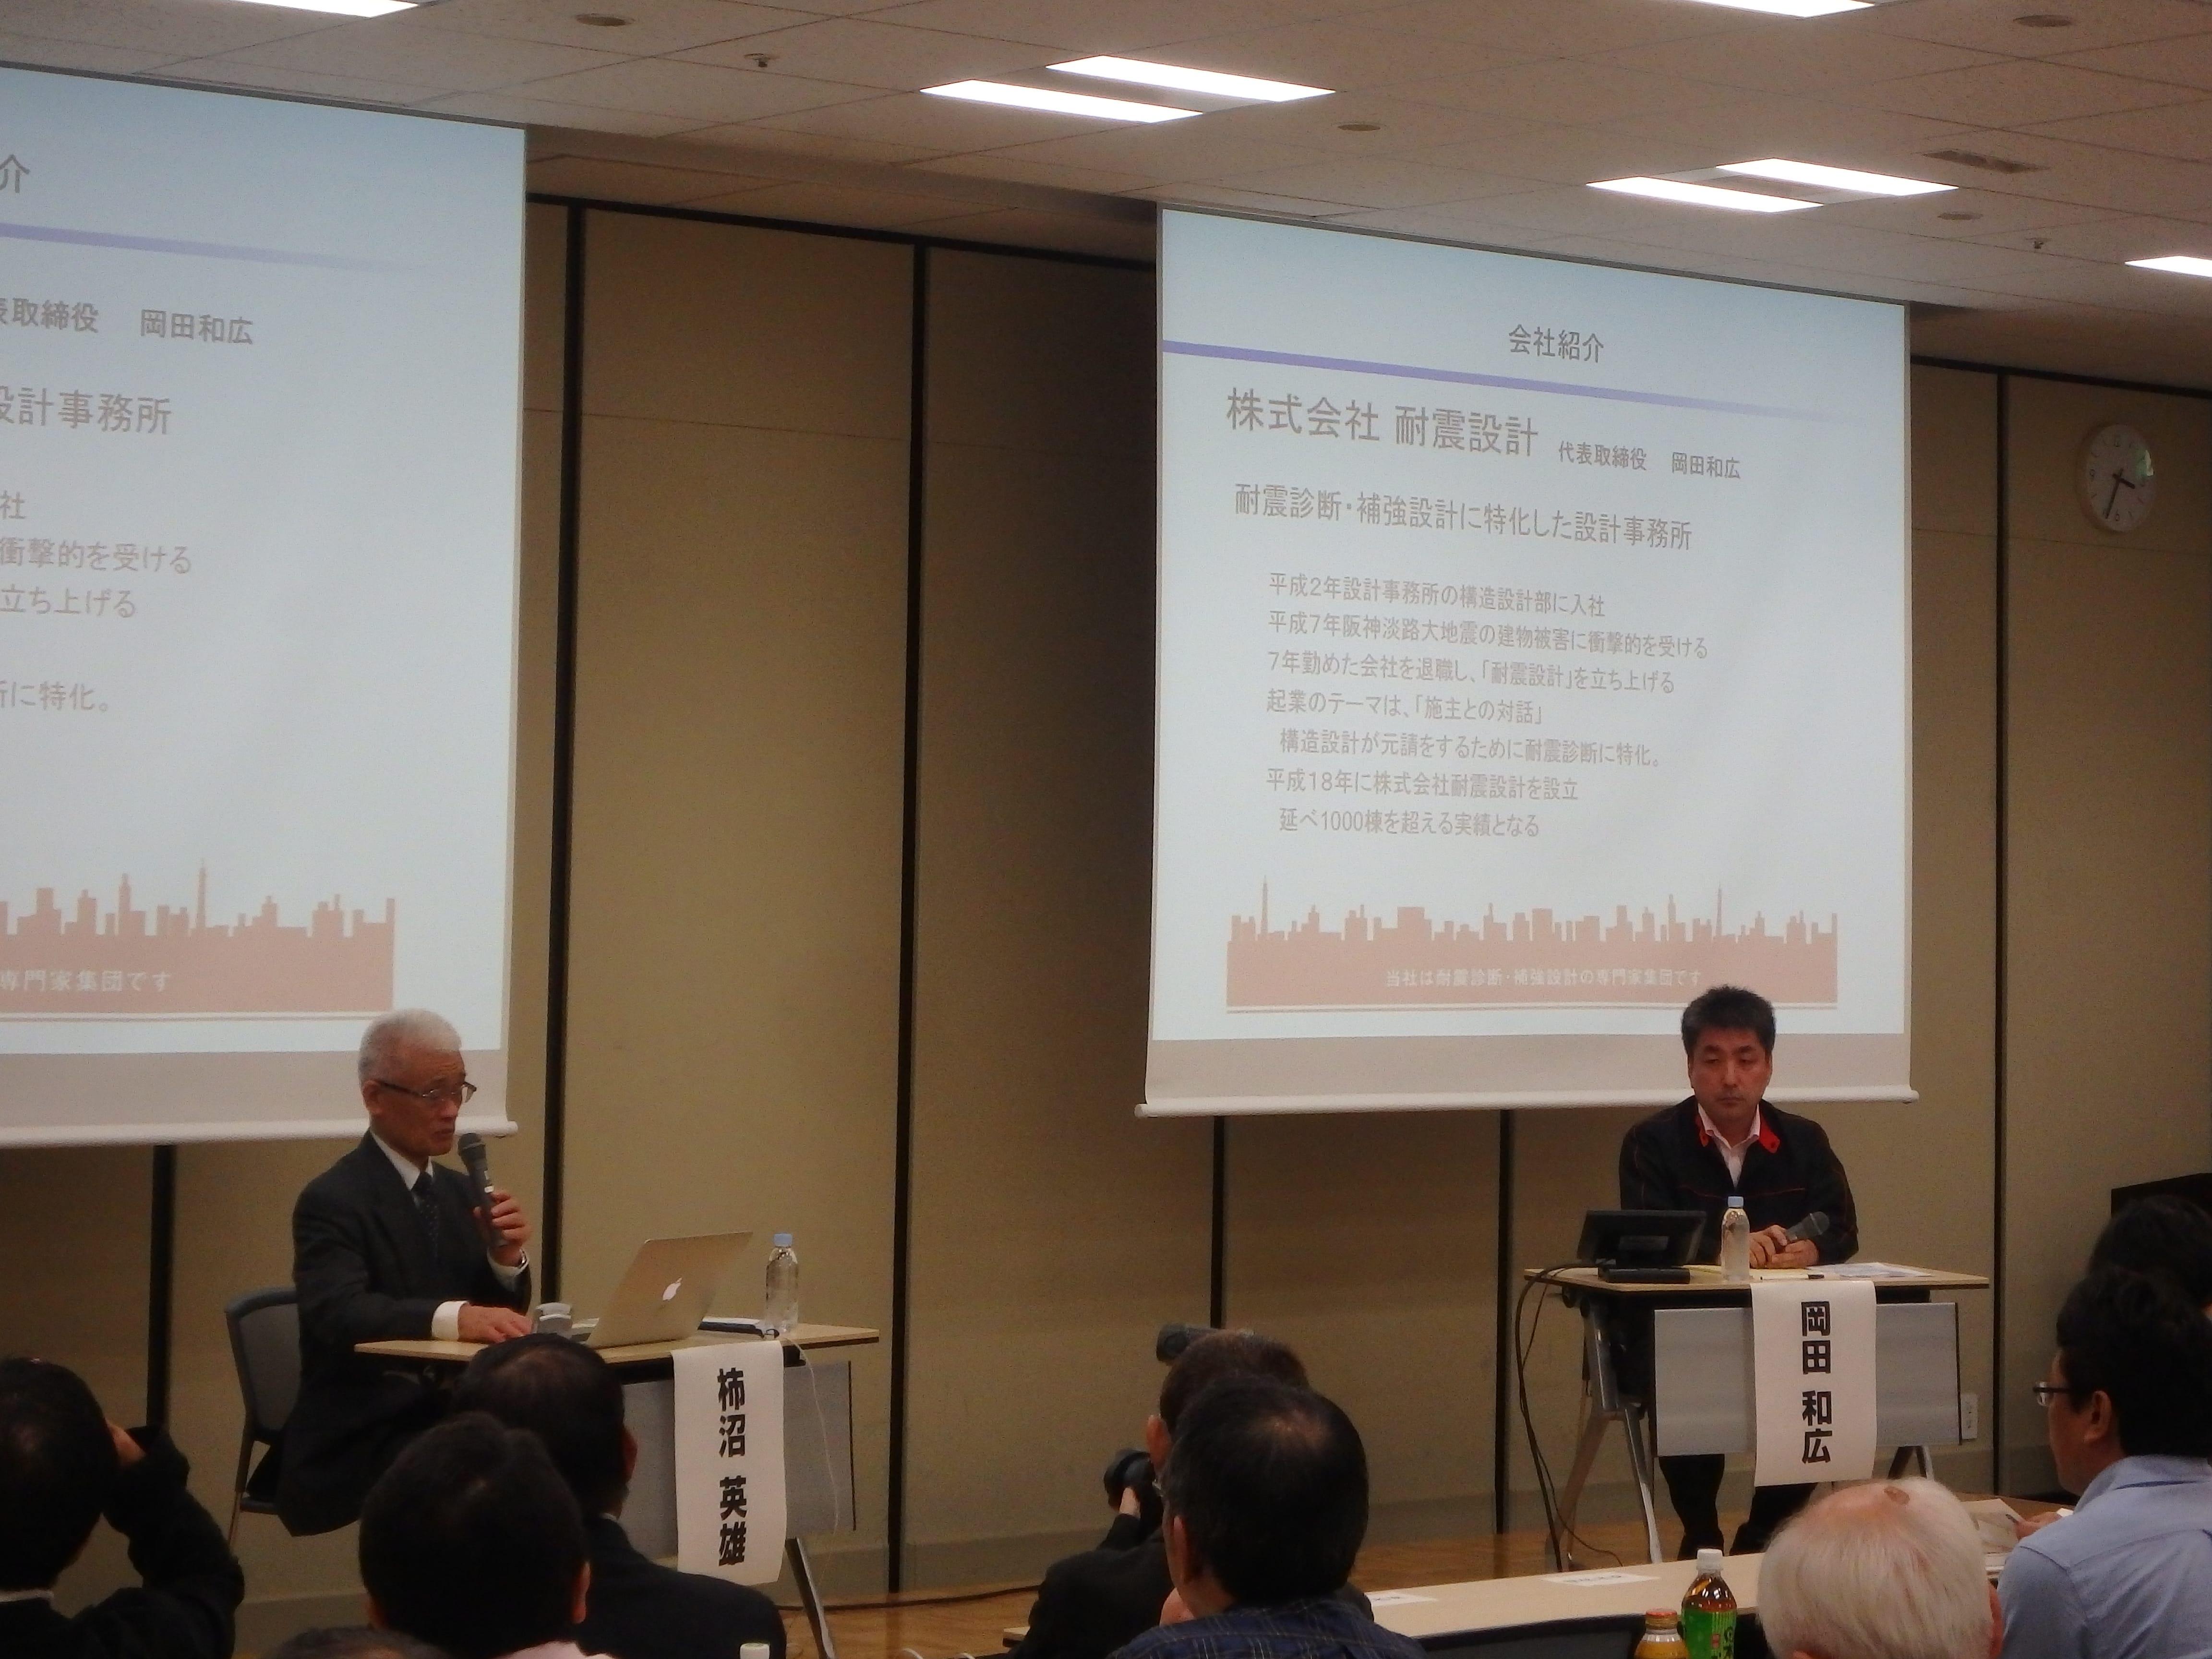 弊社代表が、日経主催の耐震セミナーに登壇!熊本地震における現地耐震調査についてレポートしました。